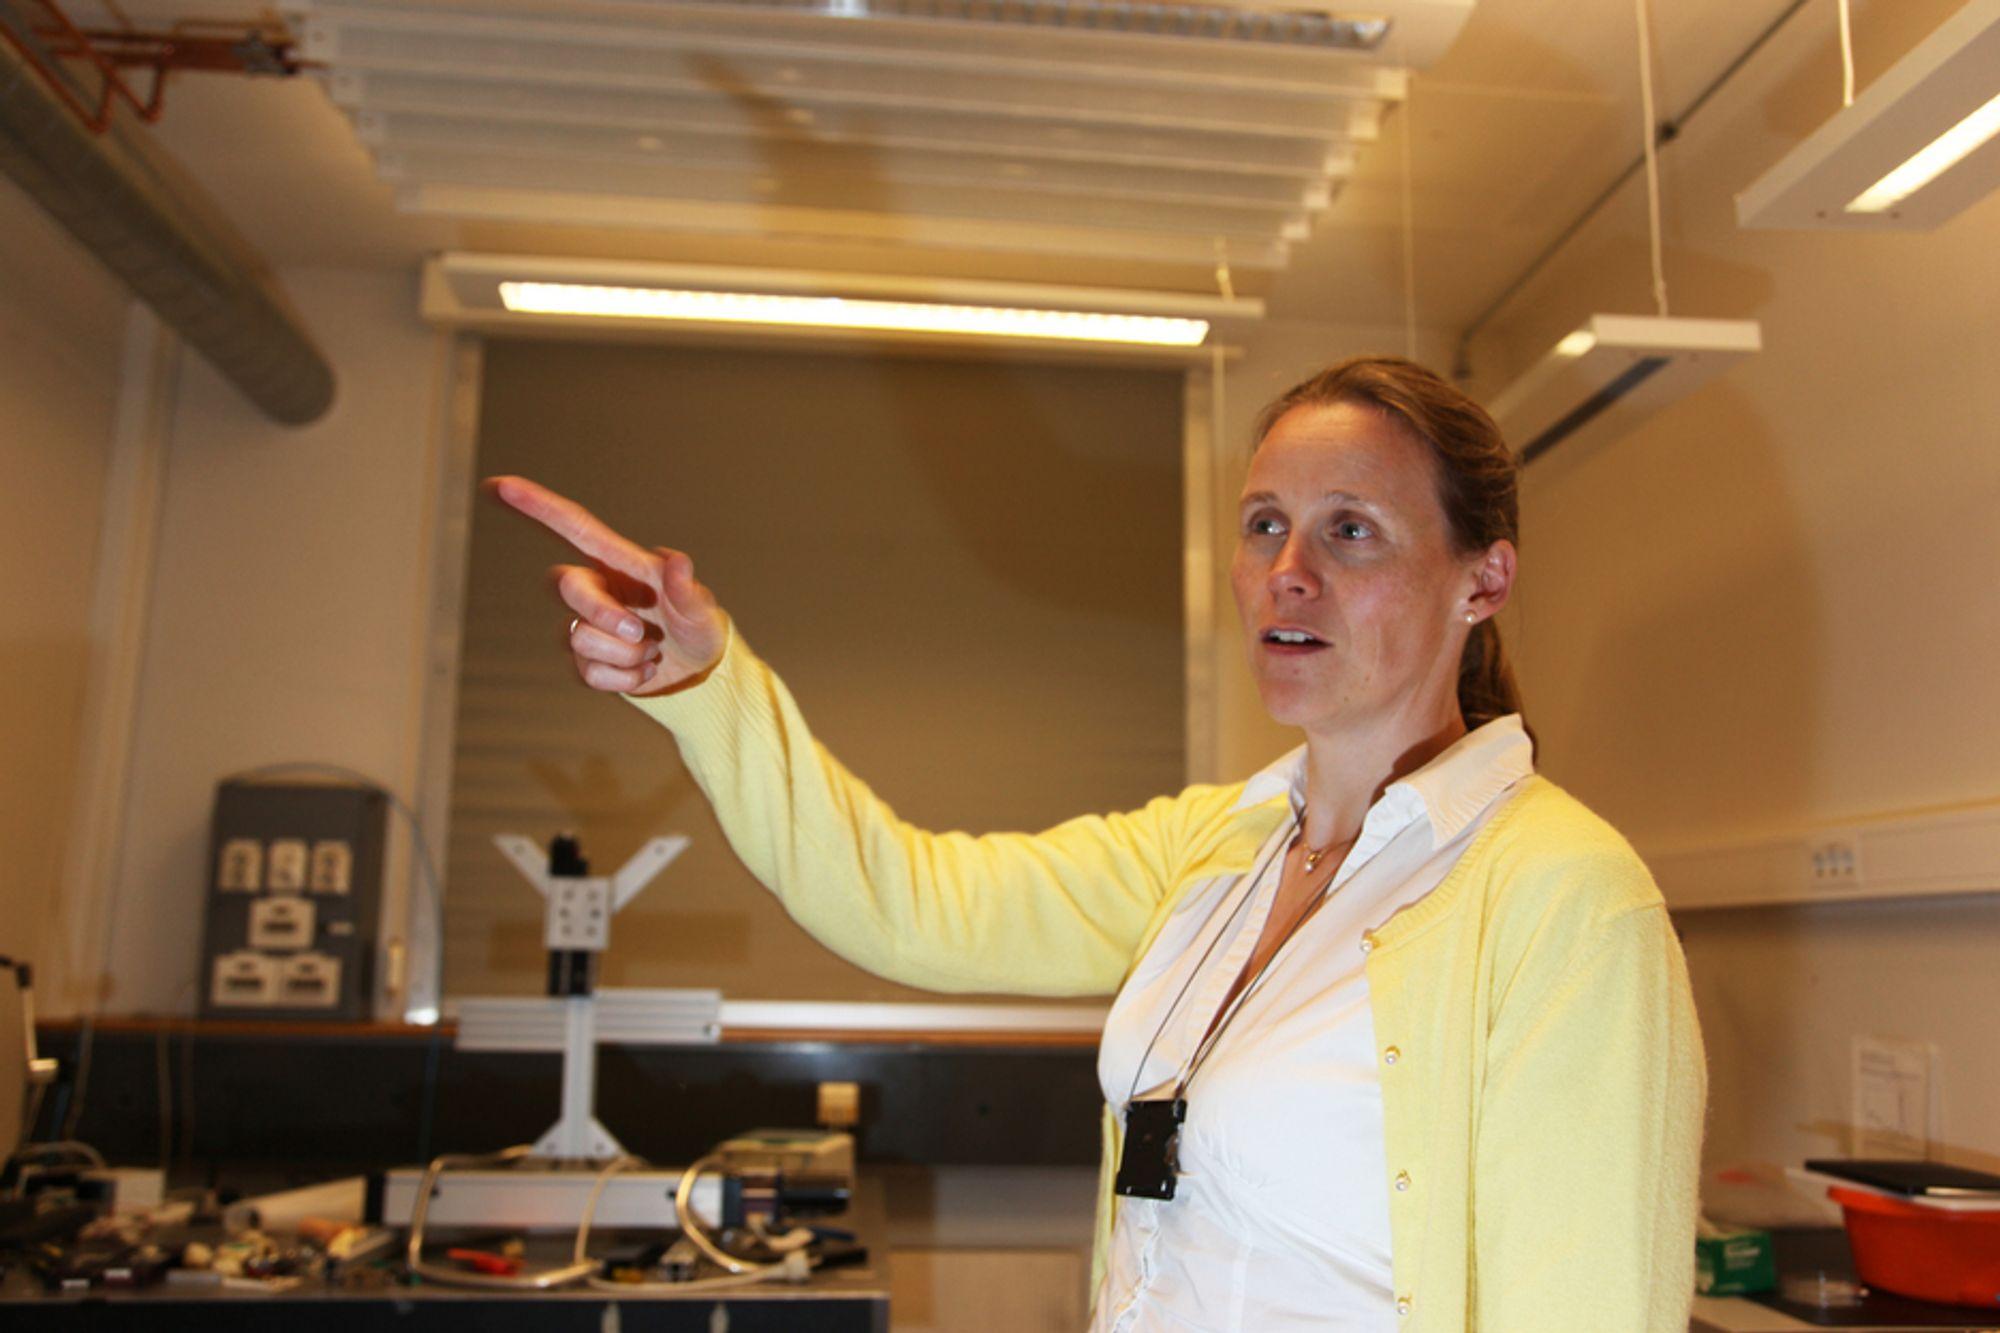 Lise Lyngsnes Randeberg er president i Tekna. Hun er misfornøyd med sammensetningen av den nye produktivitetskommisjonen.